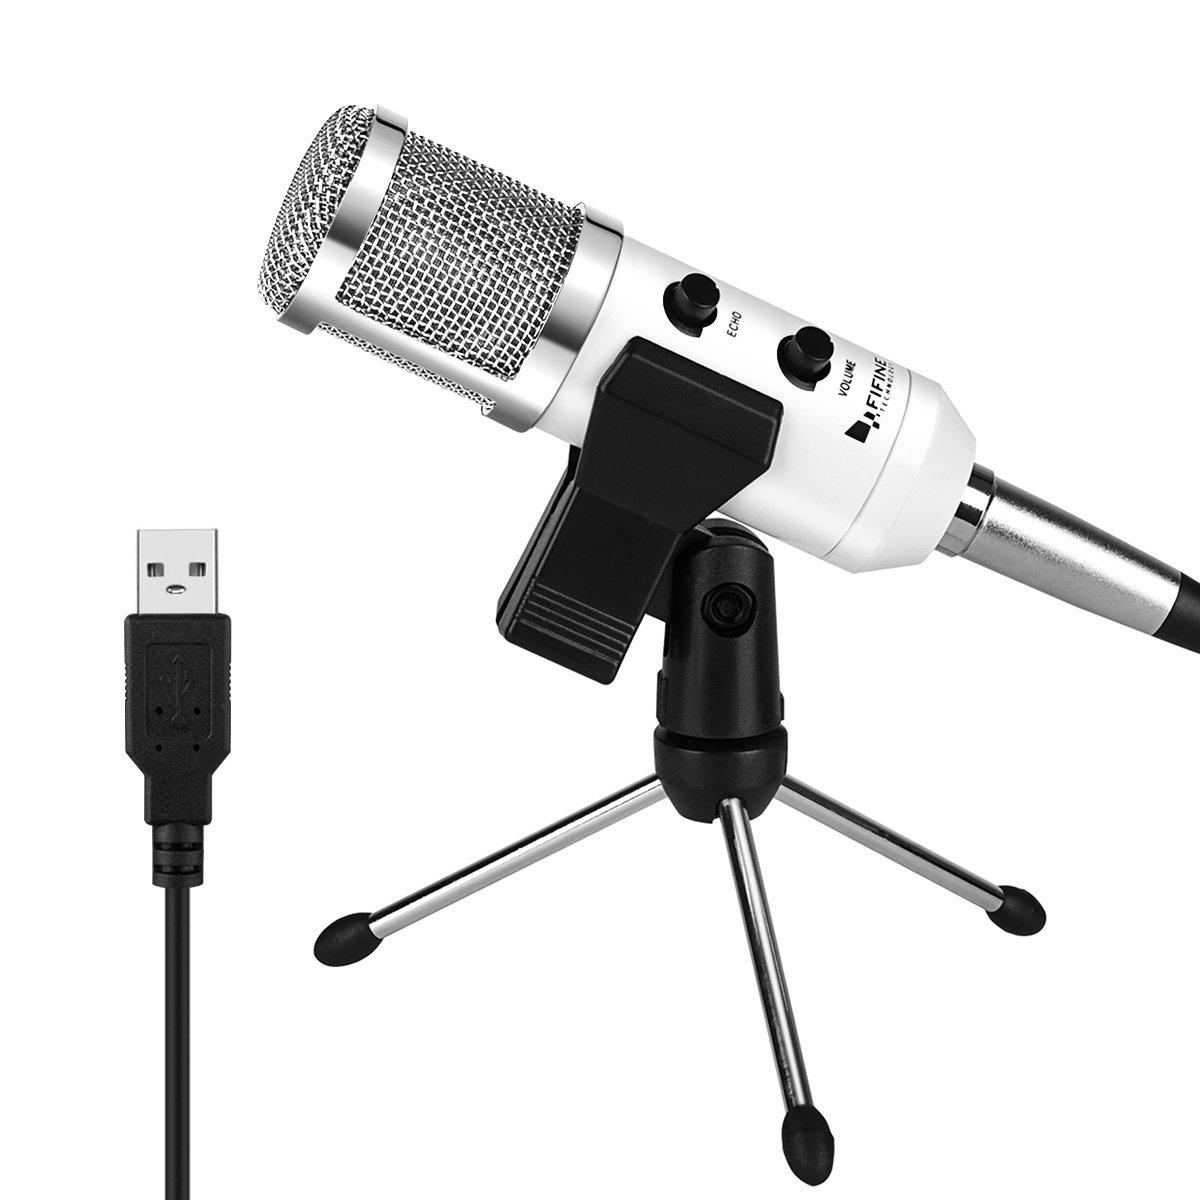 Fifine Microfono a Condensatore, USB Tipo-C, Plug and Play, con Treppiedi, con Staffa e Antivento in Schiuma, nero K058